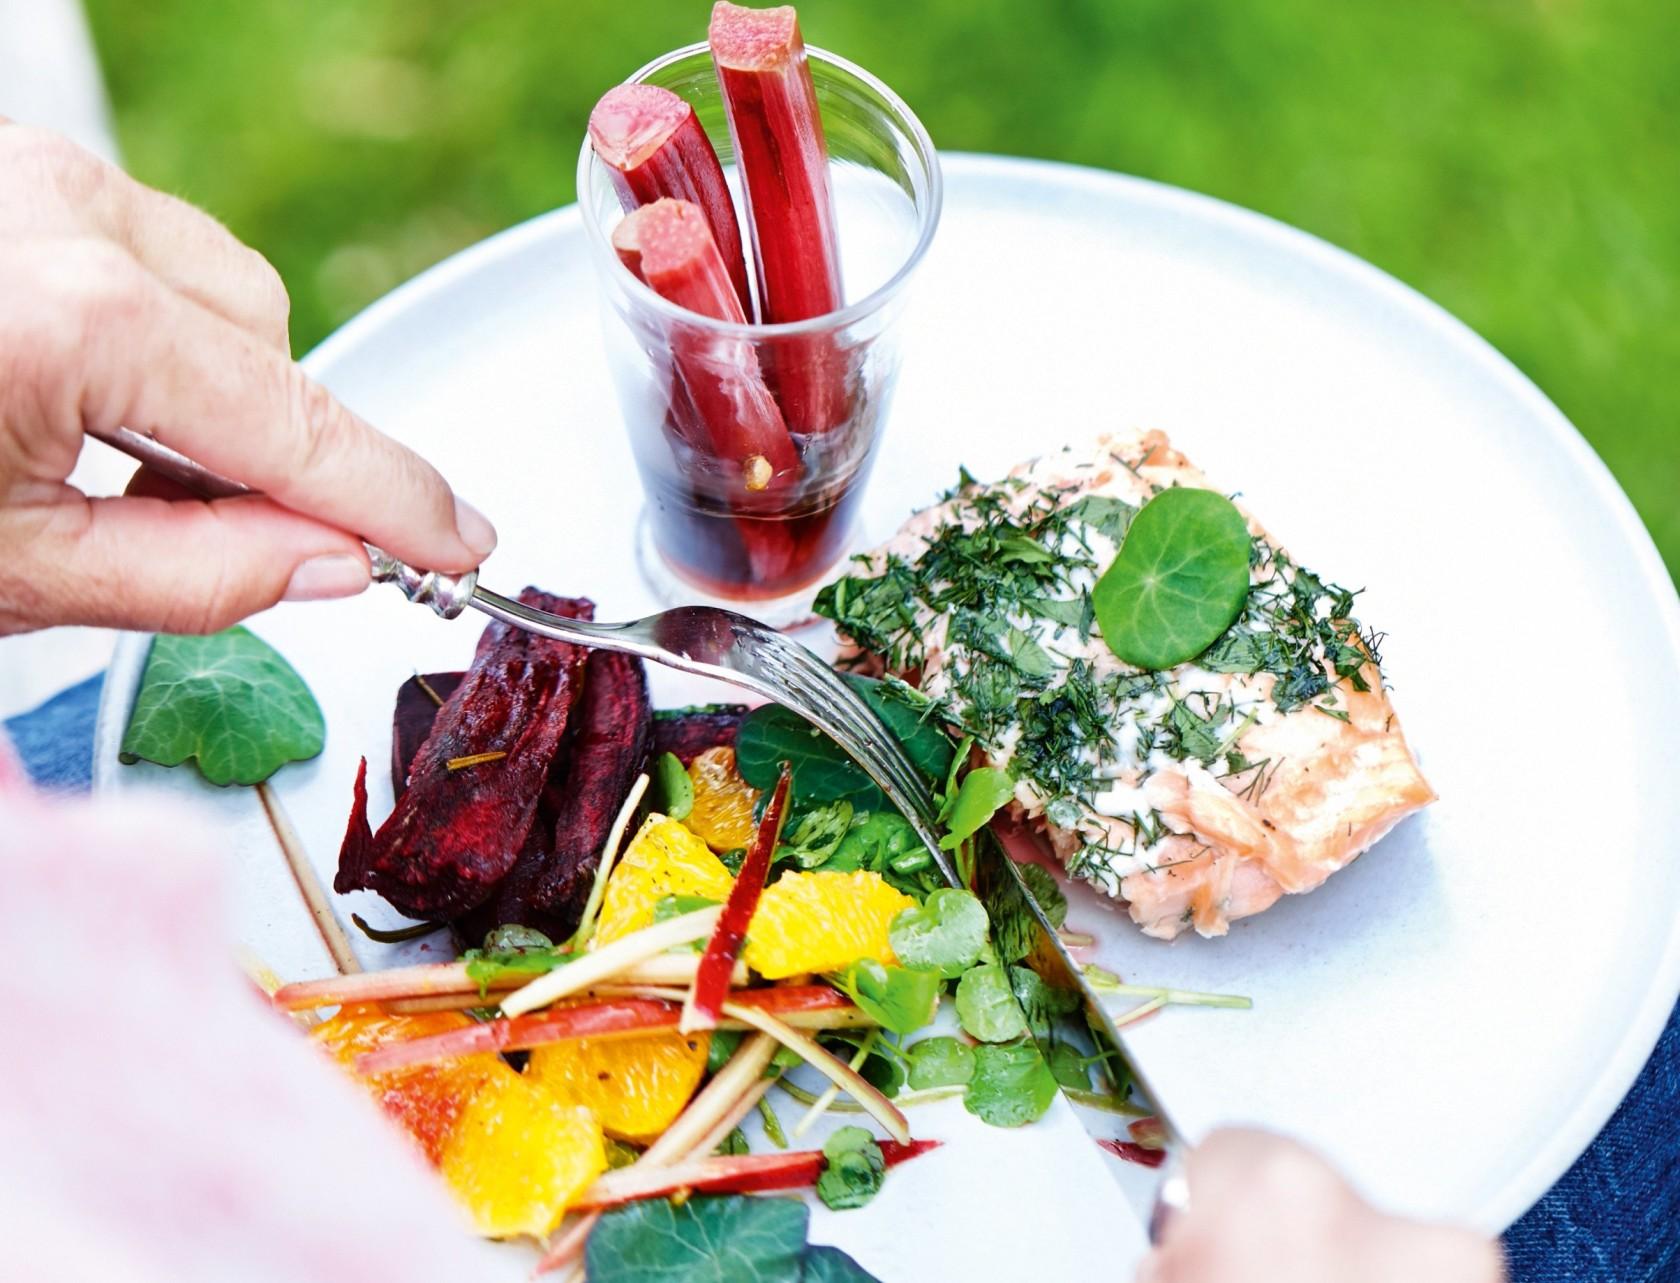 Bagte rødbeder med rabarbersalat - sommerlig opskrift!